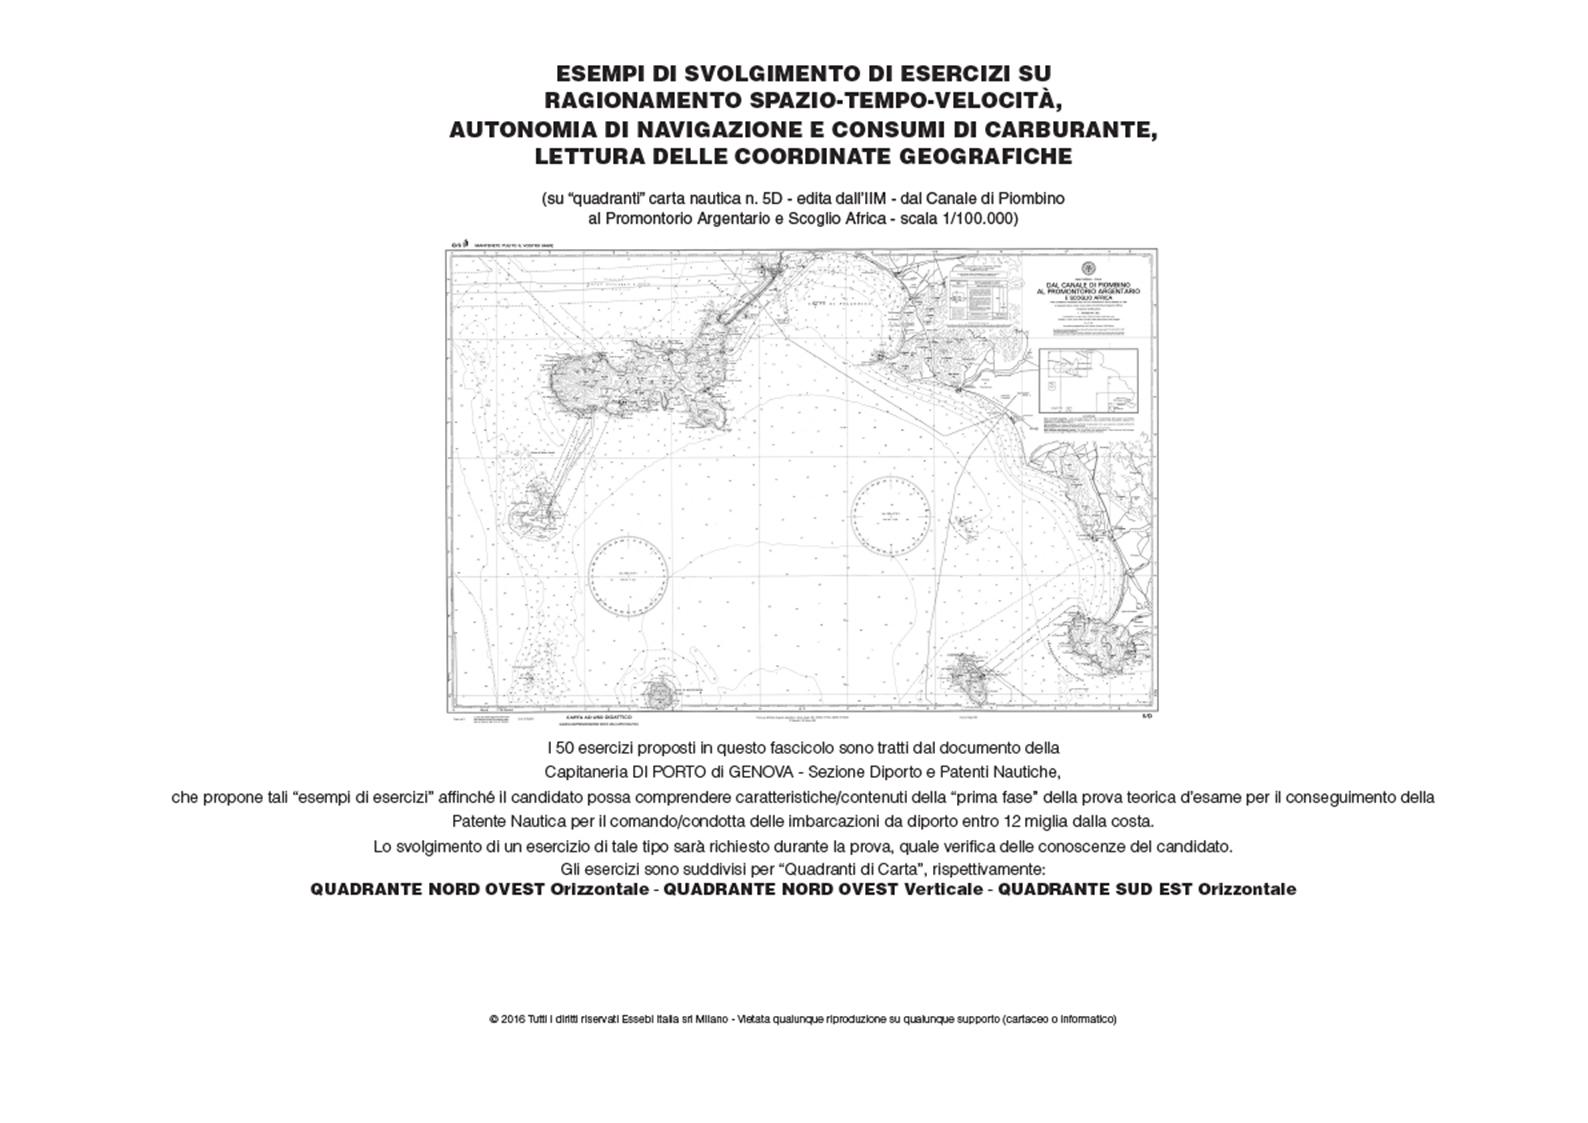 esercizi patente nautica